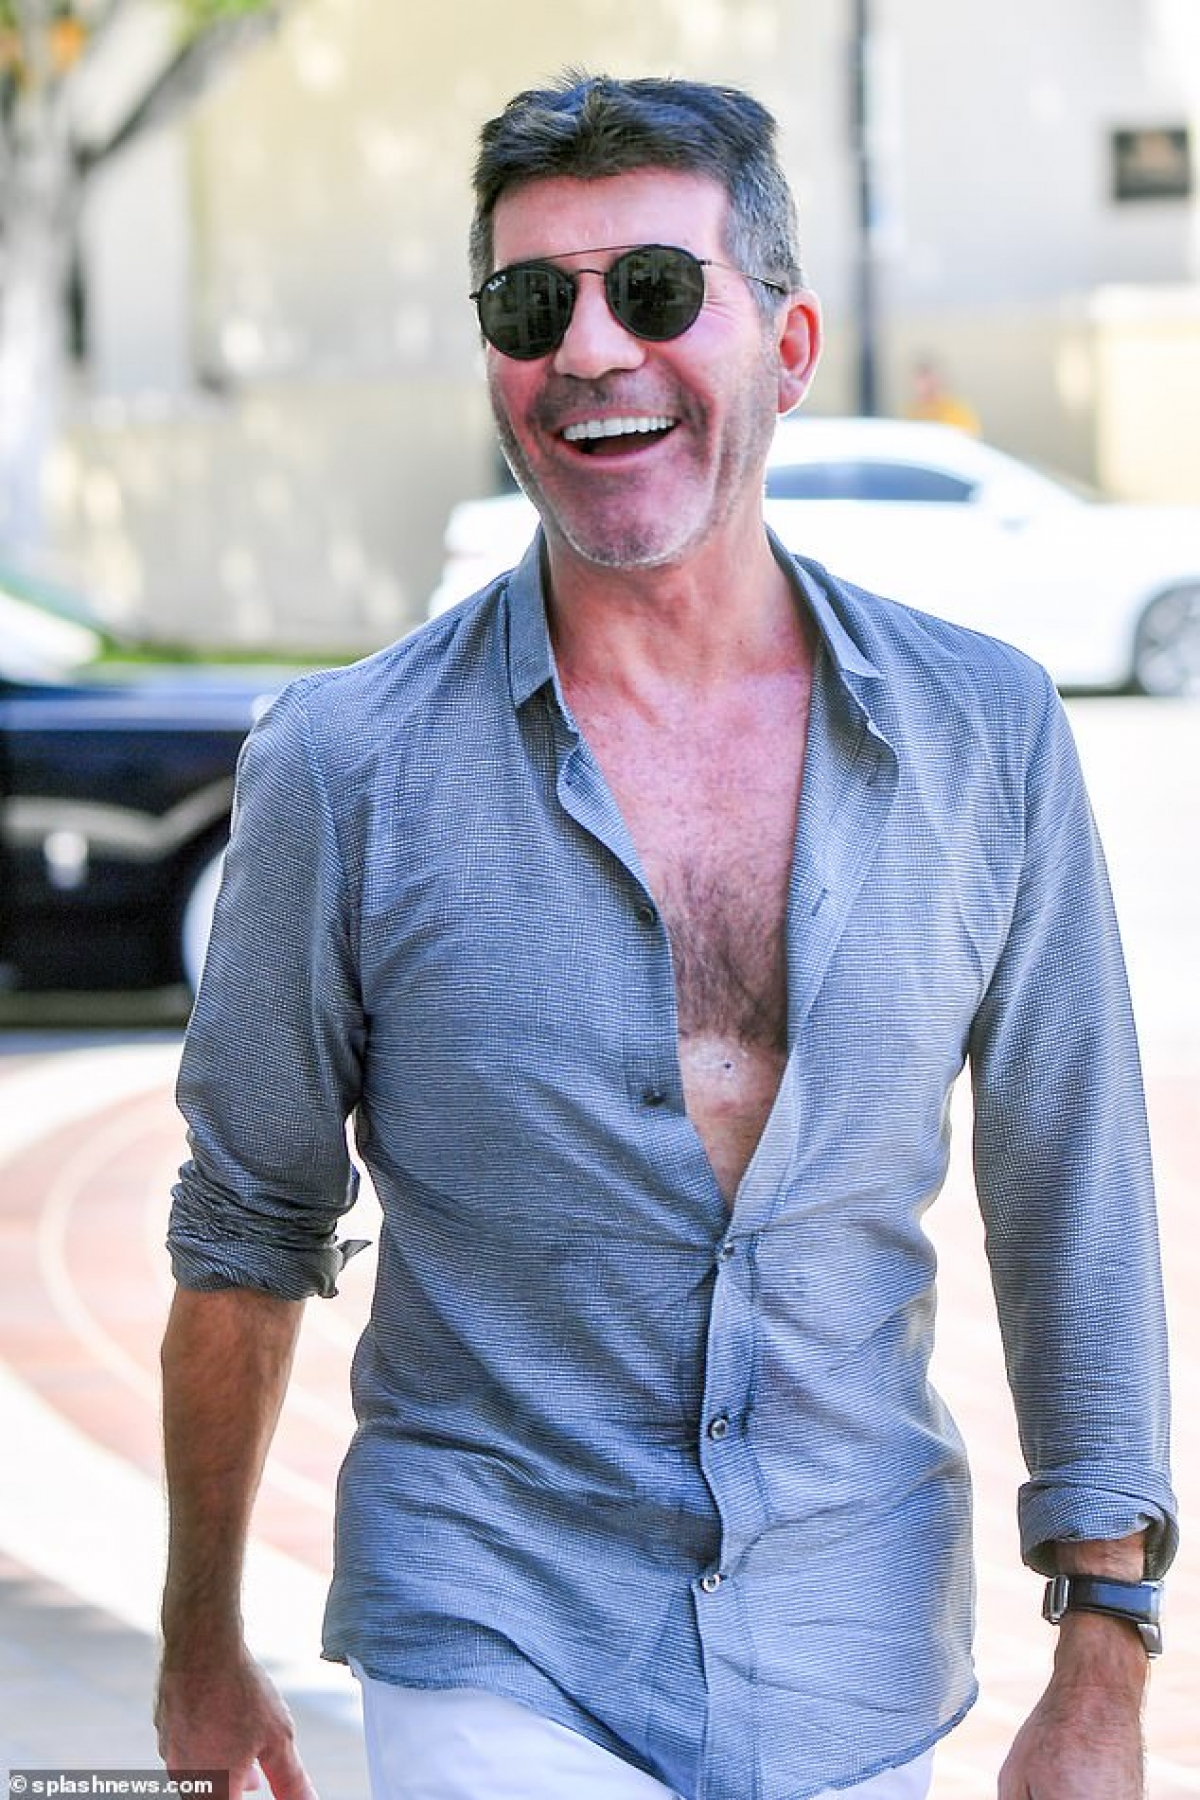 Tuy nhiên, dễ dàng nhận thấy Simon Cowell giảm cân rõ rệt, lấy lại được phong độ hơn so với trước.